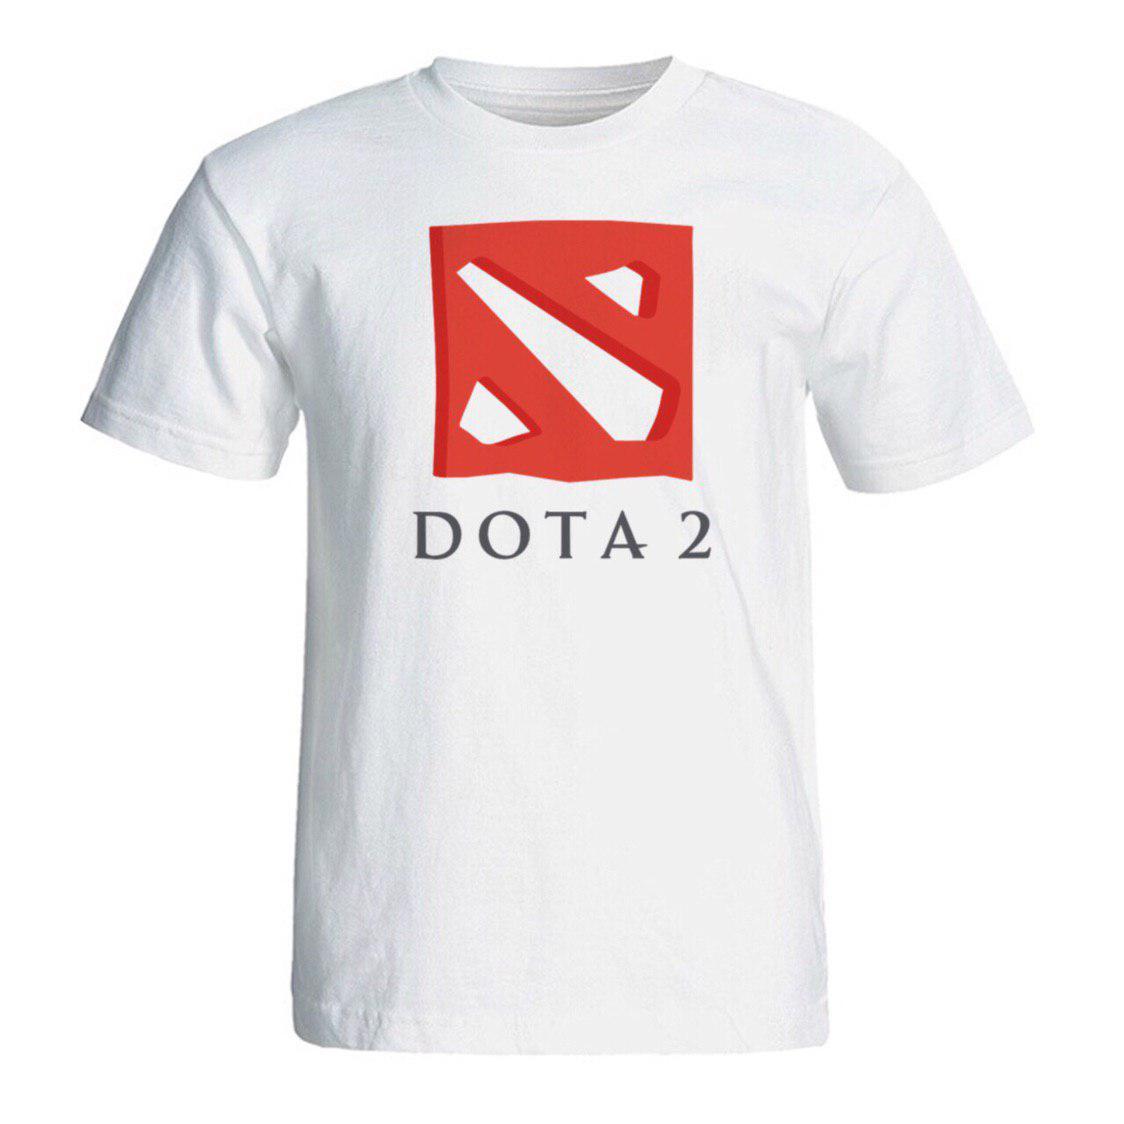 تیشرت مردانه طرح Dota 2 کد SA326